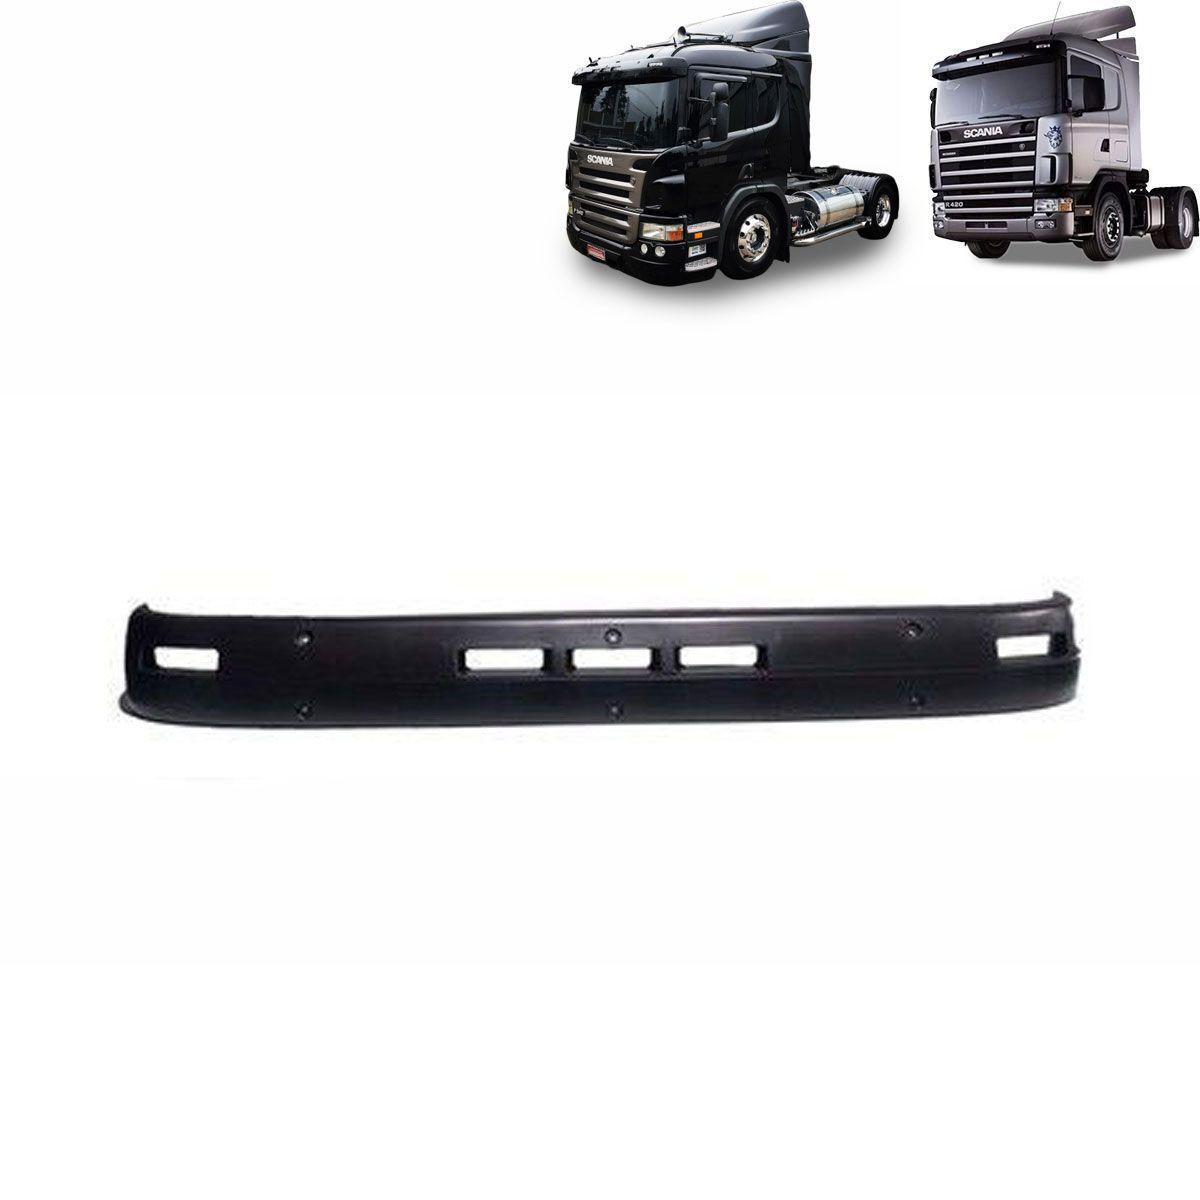 Kit Lâmina Tapa-Sol Plástico Três Marias Compatível com o Caminhão Scania T/R Série 4 Série 5 + Sinaleiras